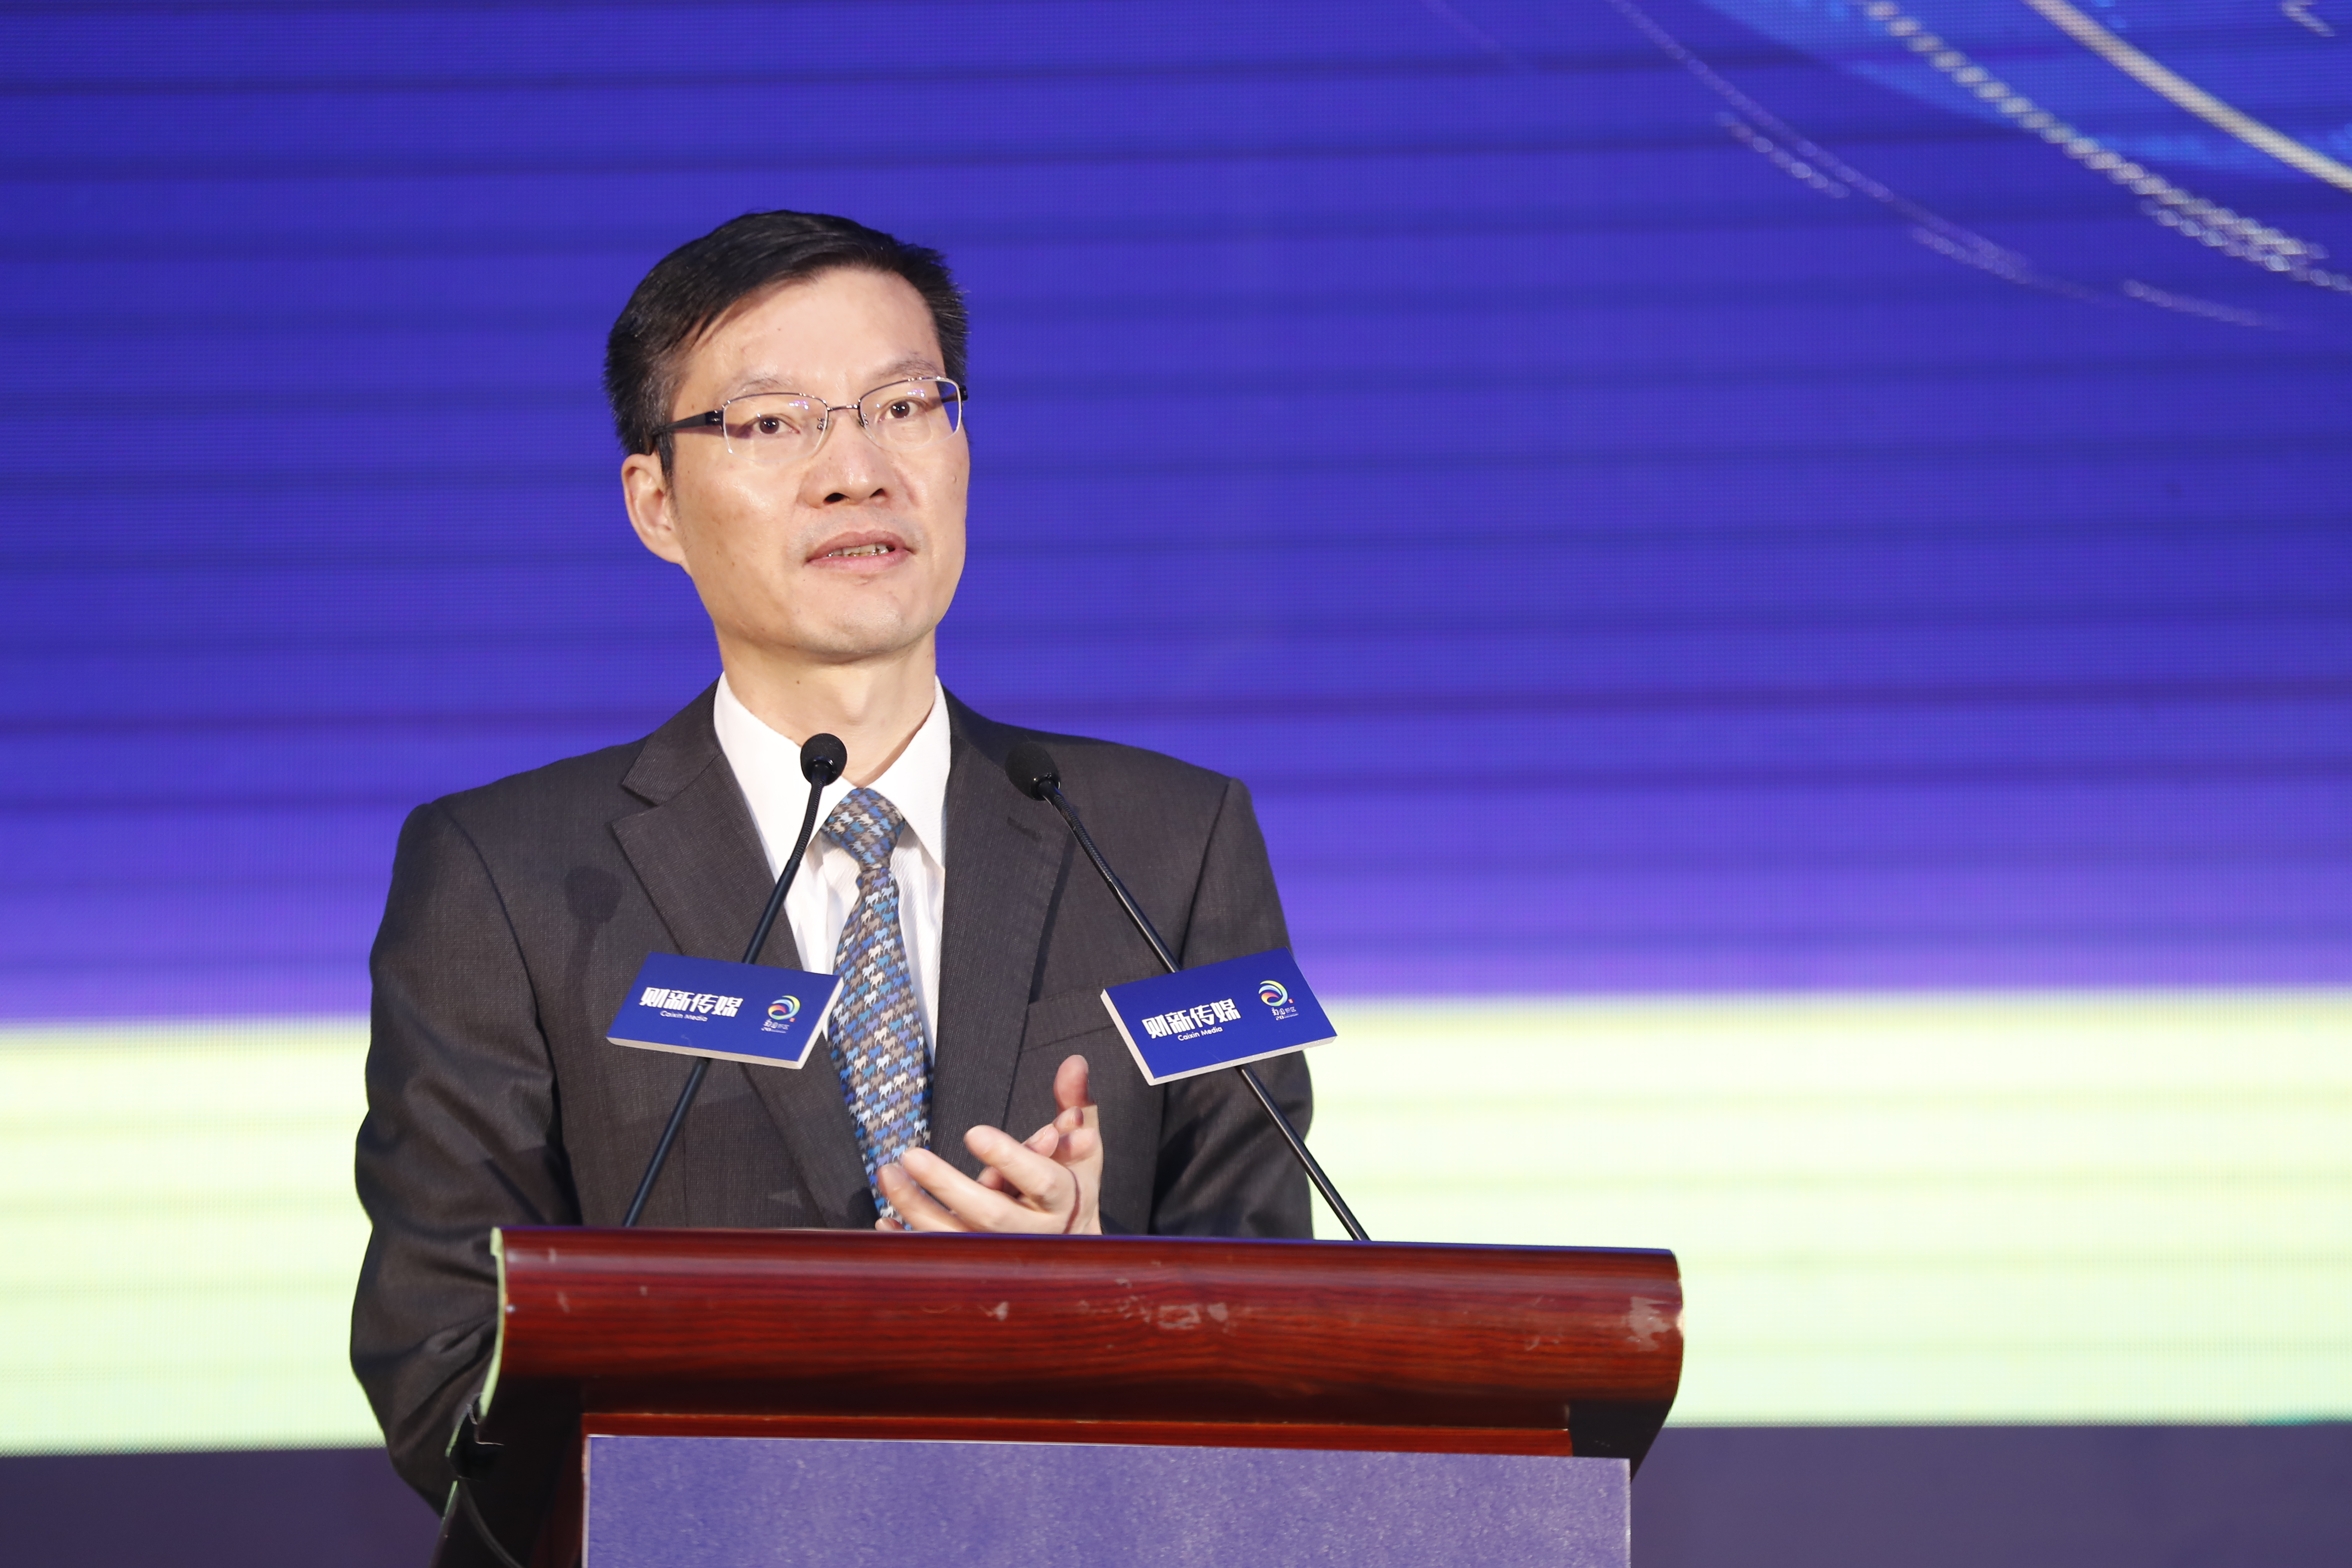 上海,嘉定,菊园,科技,创新,科技唤醒创新城市